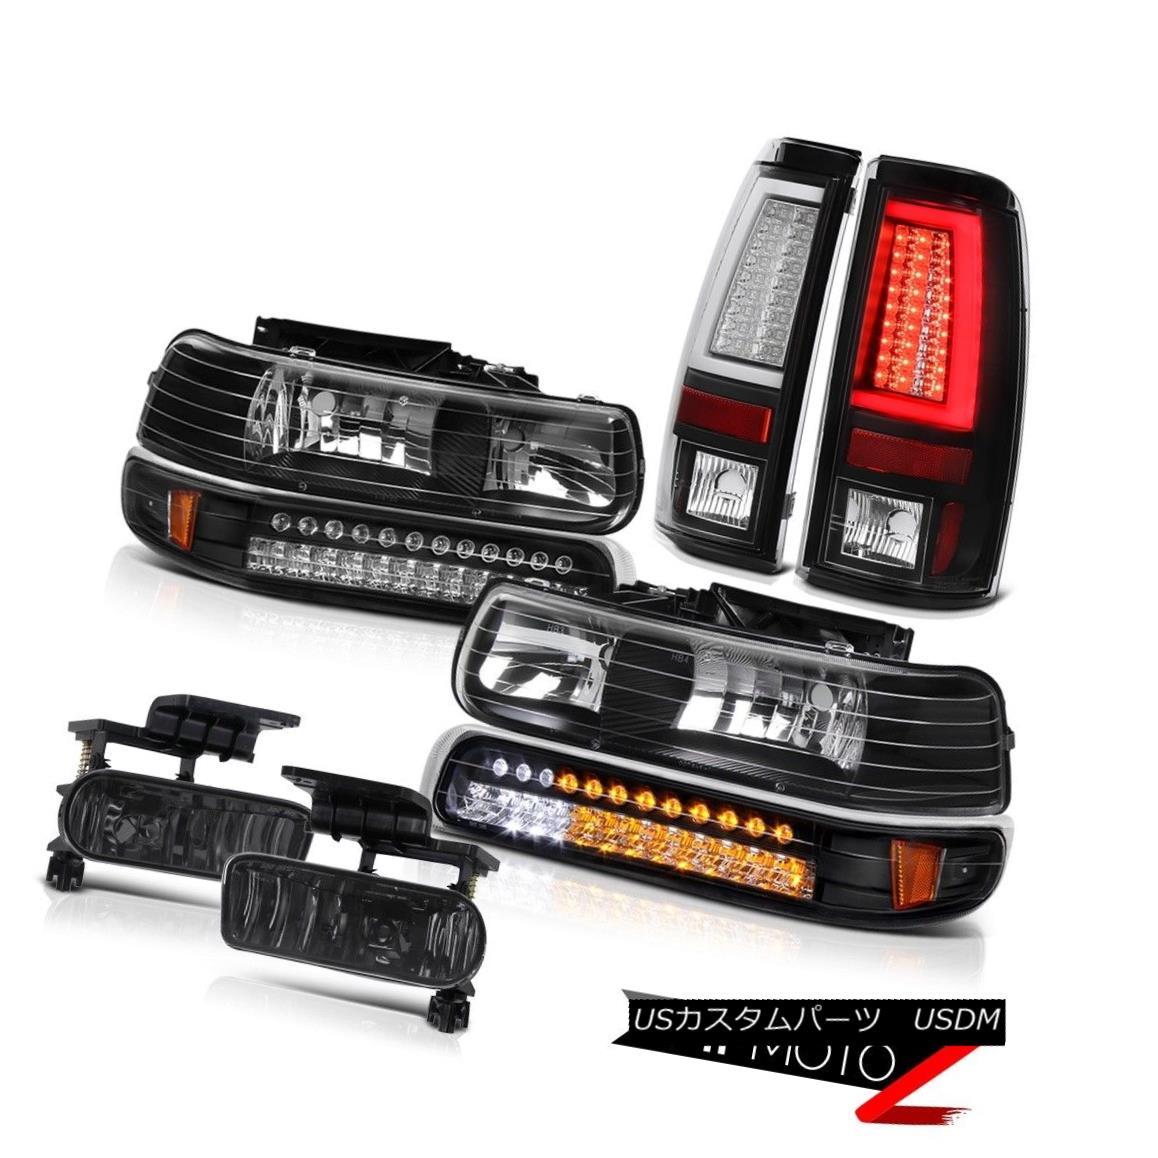 テールライト 99 00 01 02 Silverado 4WD Tail Lamps Headlamps Fog Lights Neon Tube Tron Style 99 00 01 02シルバラード4WDテールランプヘッドランプフォグライトネオンチューブトロンスタイル